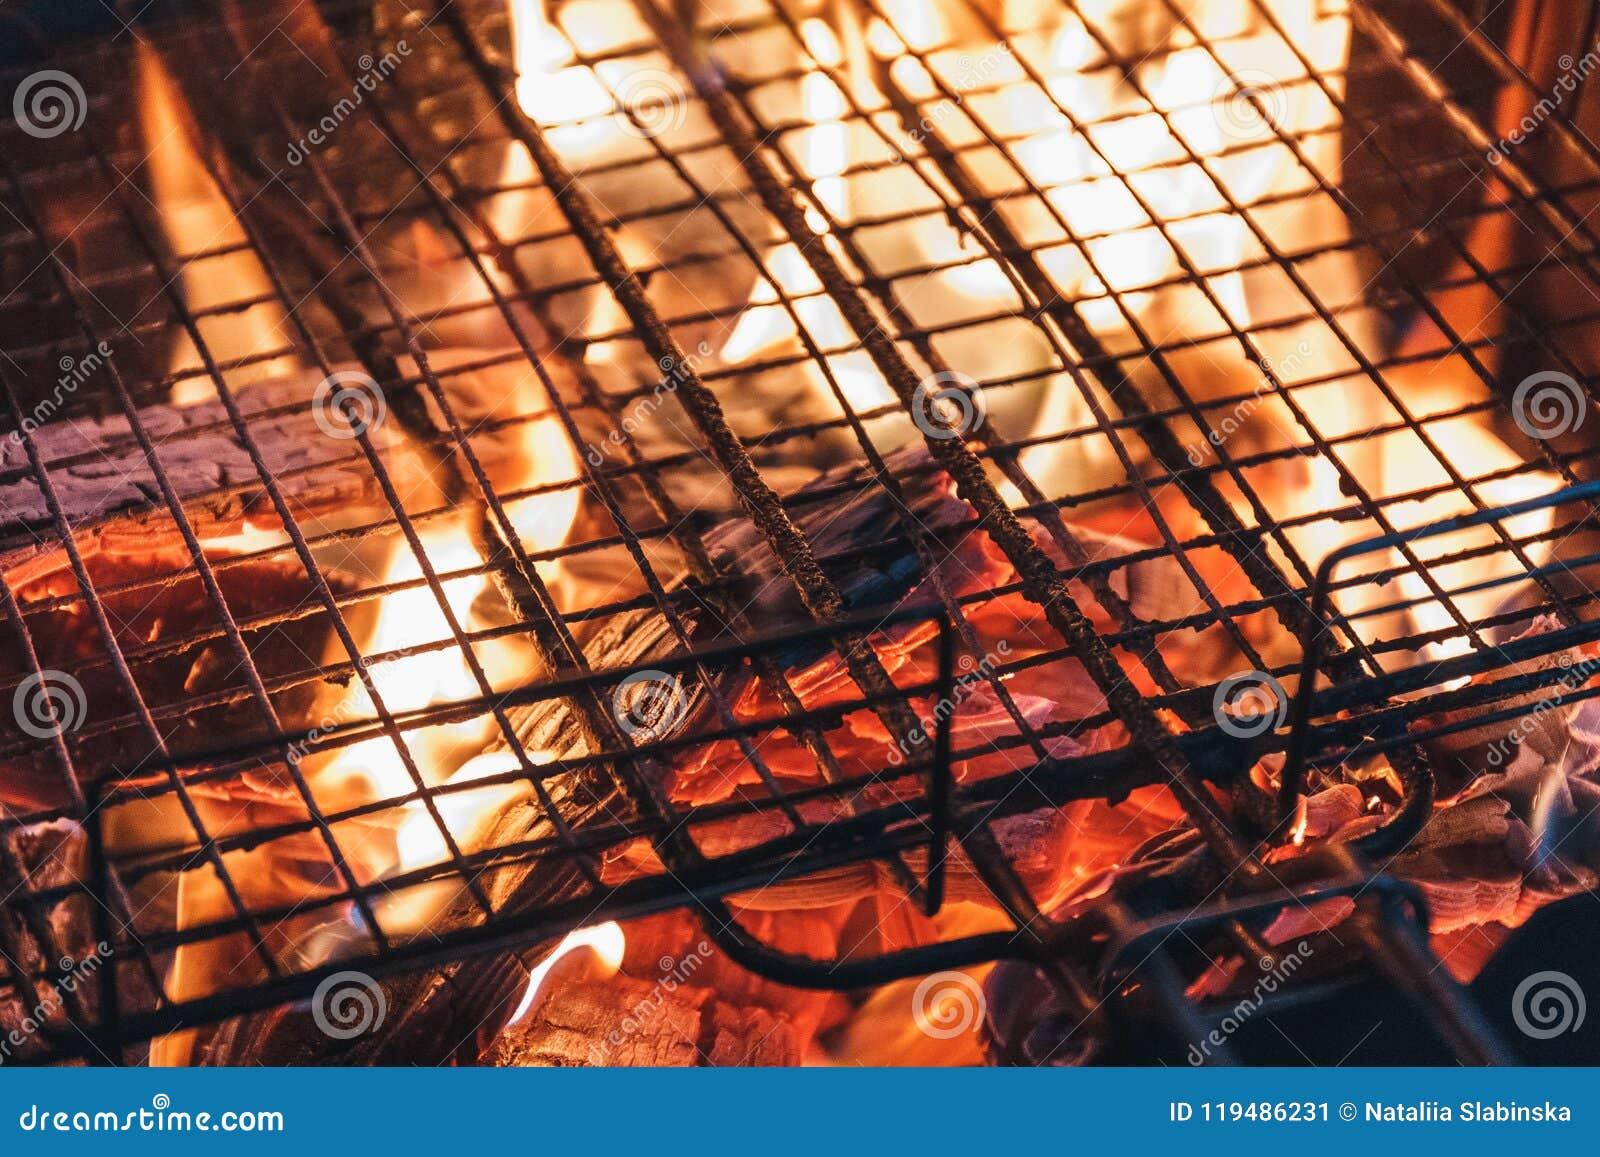 Μέταλλο καθαρό πέρα από το καίγοντας ξύλο χοβόλεων άνθρακα πυρκαγιάς στη σχάρα σχαρών